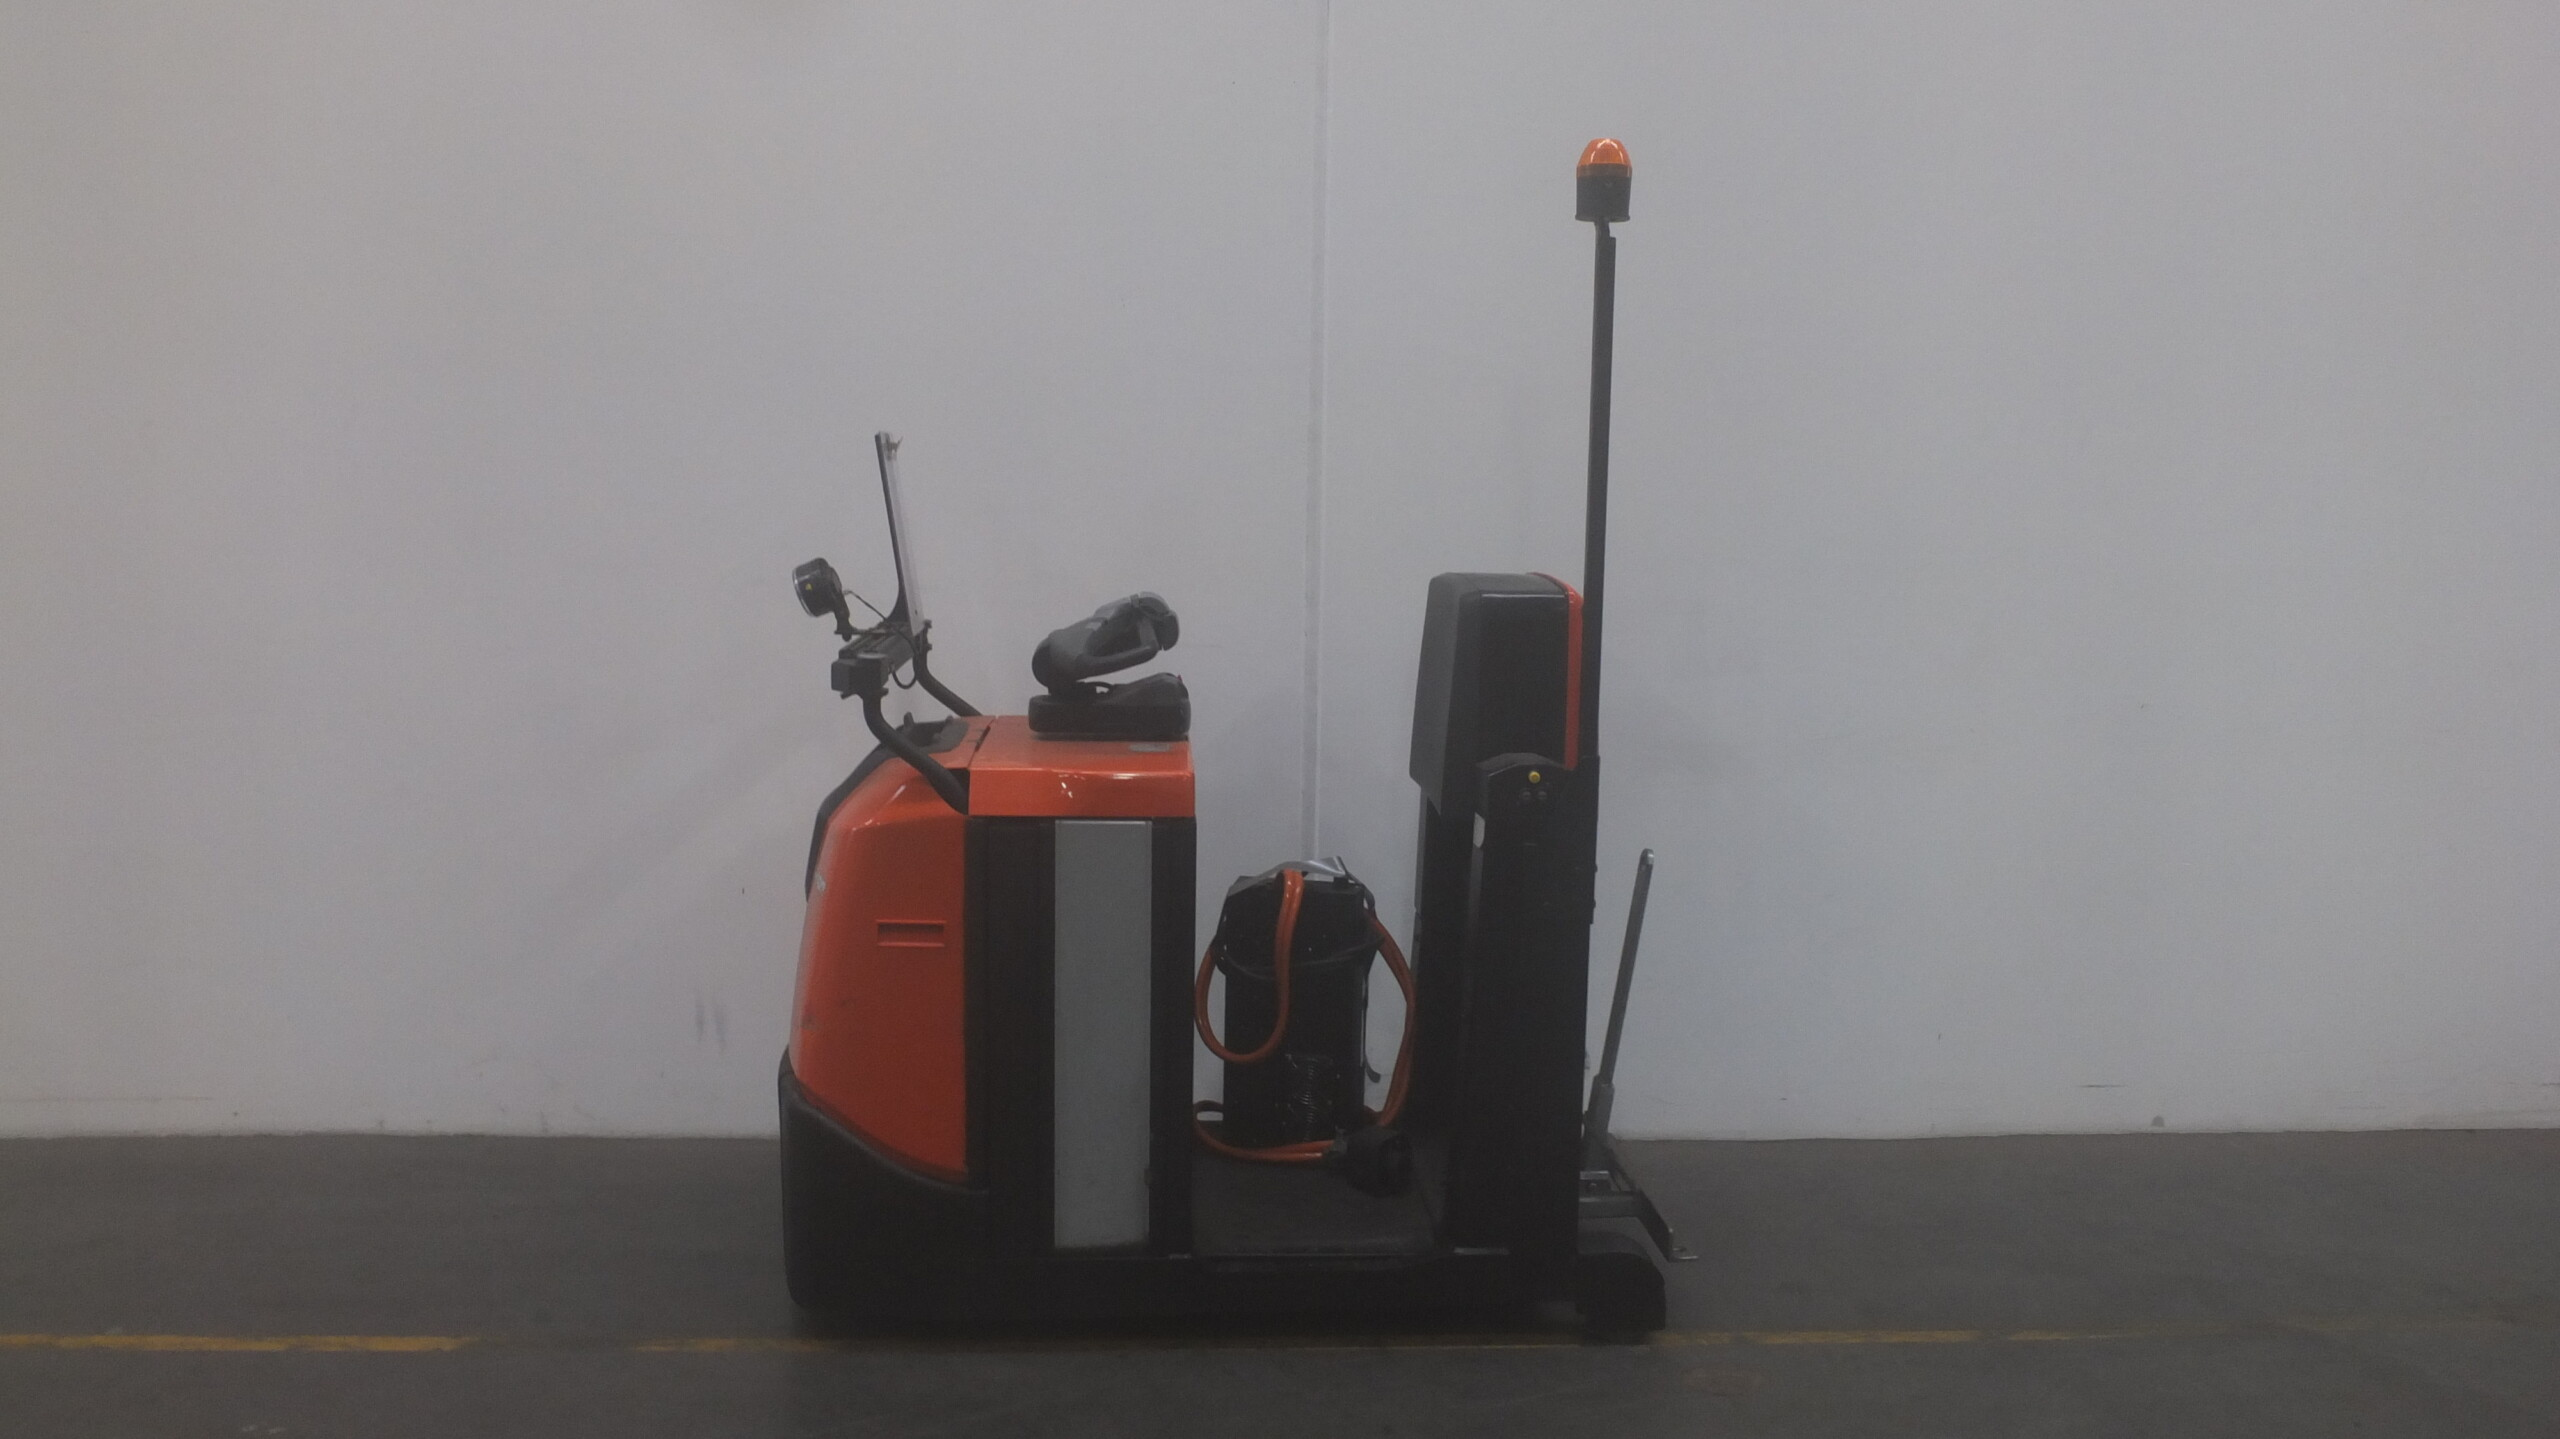 Toyota-Gabelstapler-59840 1803036579 1 5 scaled